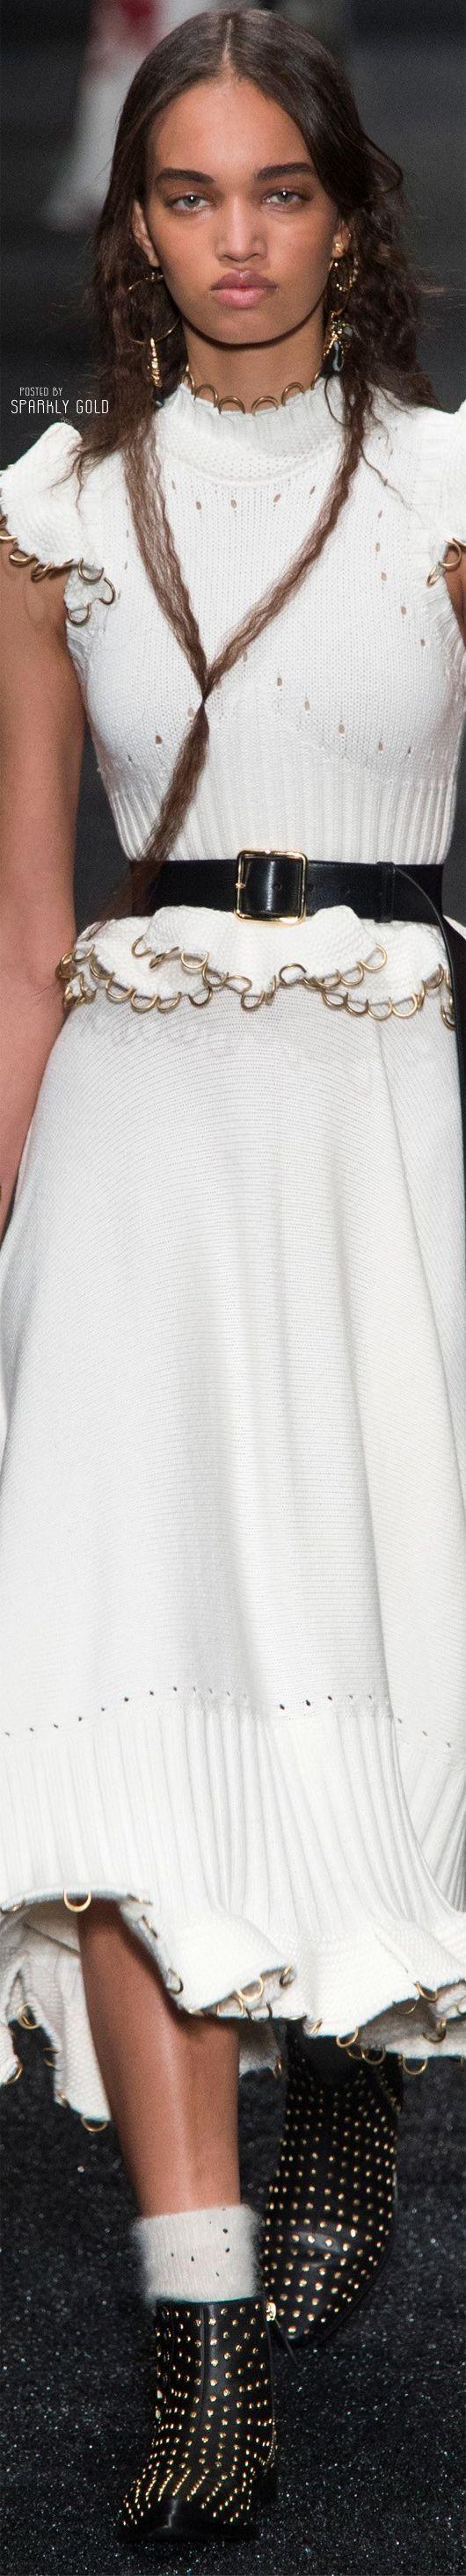 Alexander McQueen Fall 2017 RTW